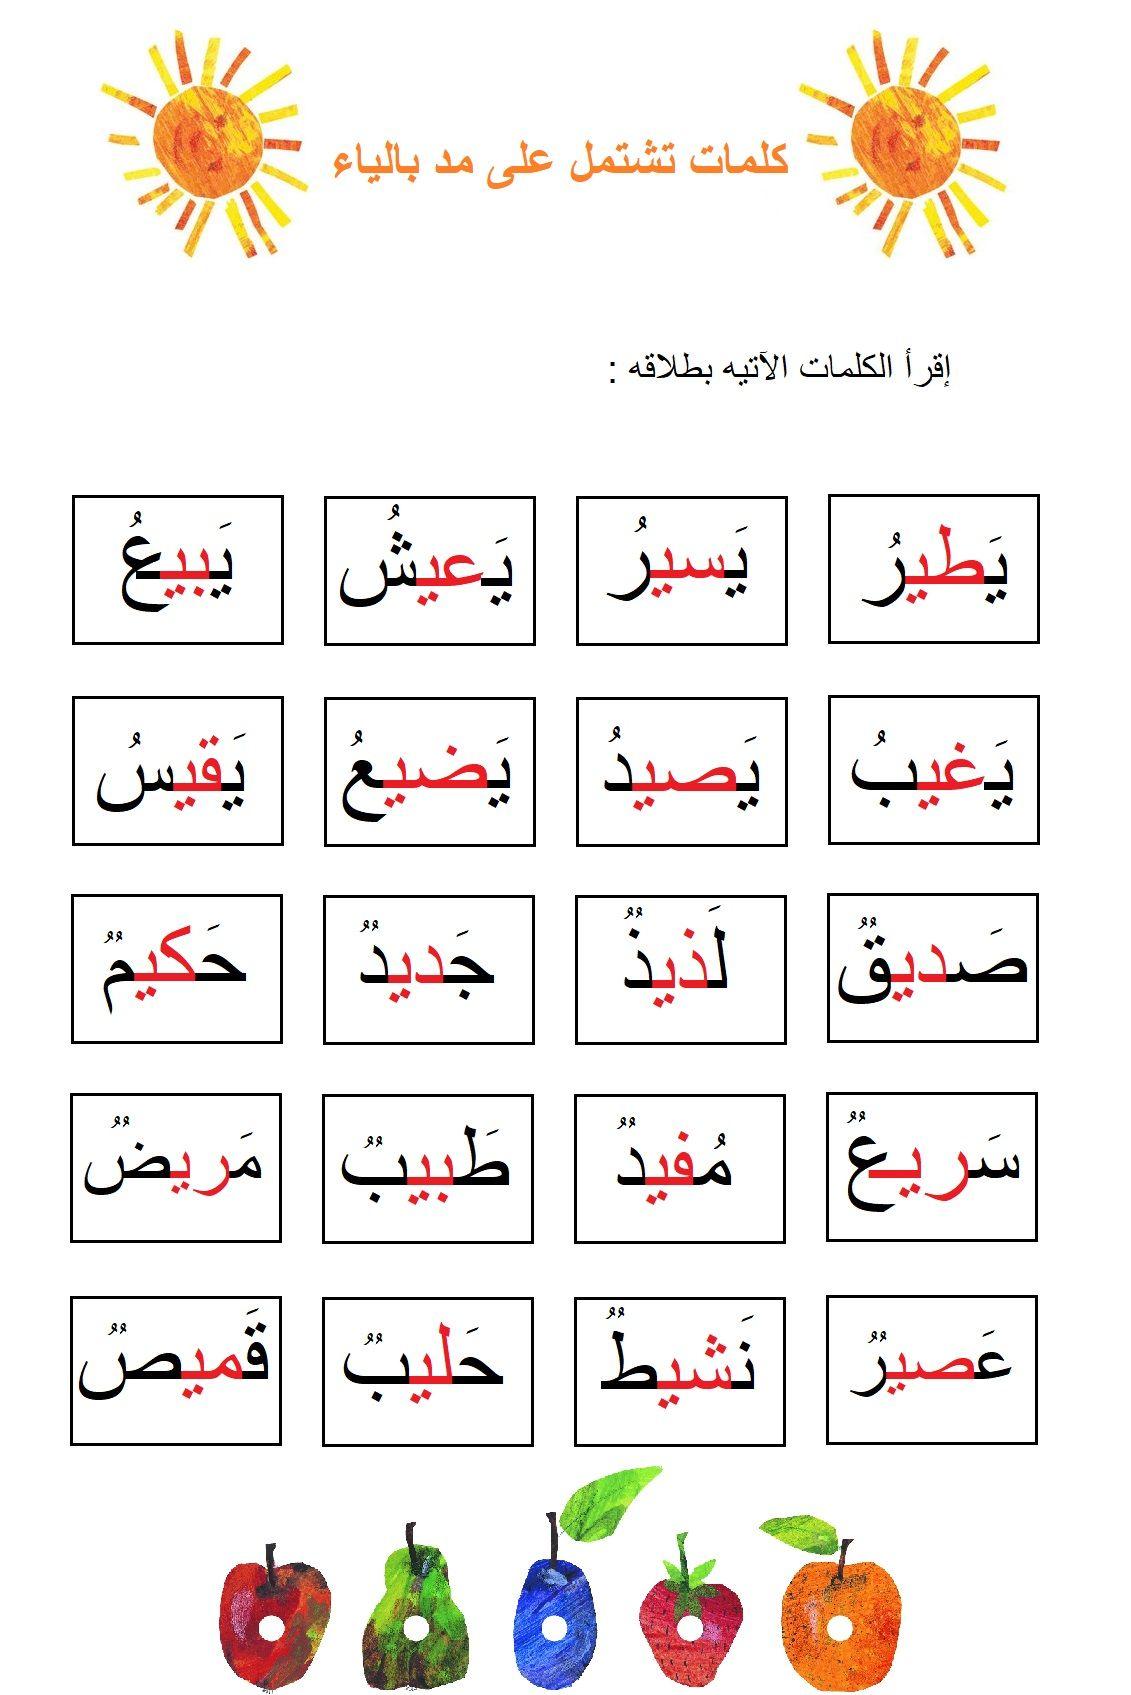 كلمات تحتوي على مد بالياء Learn Arabic Alphabet Learning Arabic Arabic Alphabet